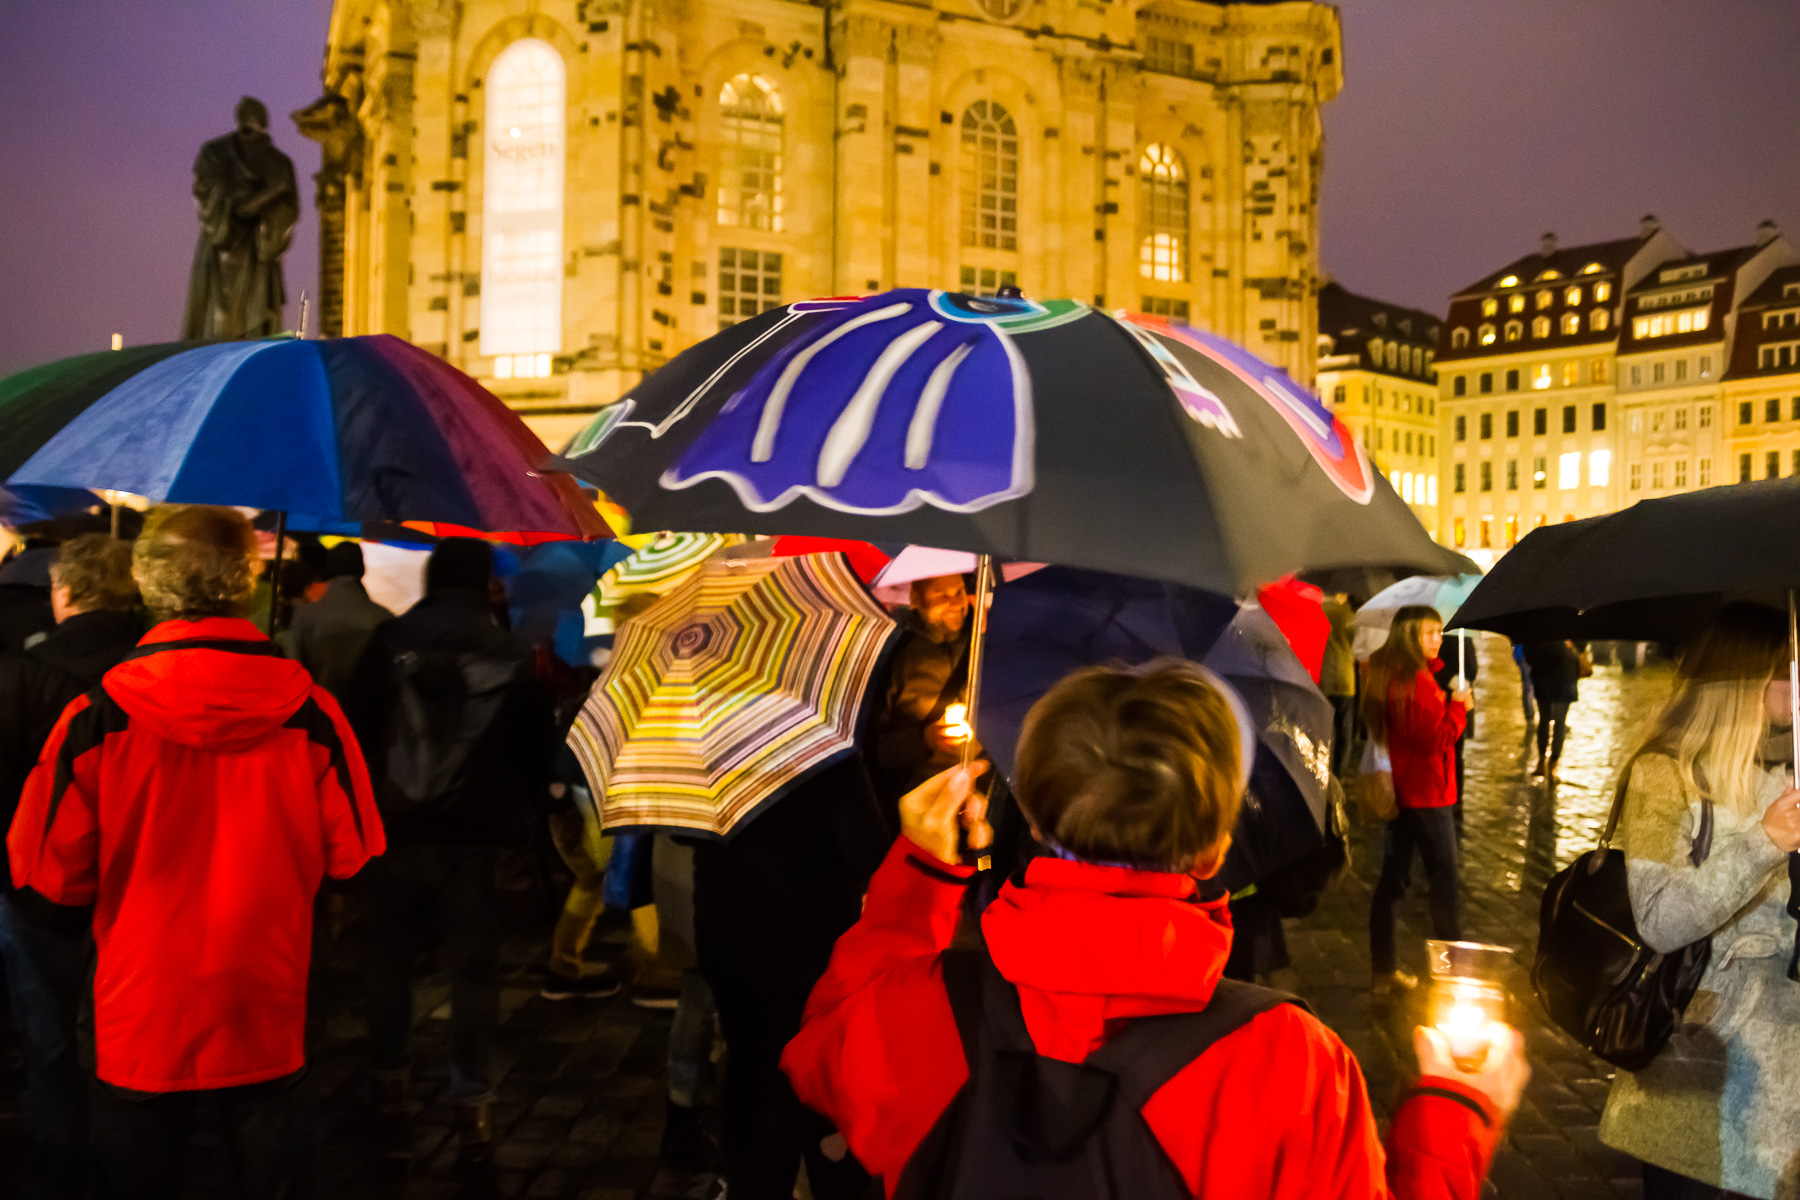 Unter dem Motto Dresden bleibt bunt versammelten sich ca 300 Menschen mit Kerzen und Schirmen vor der Frauenkirche